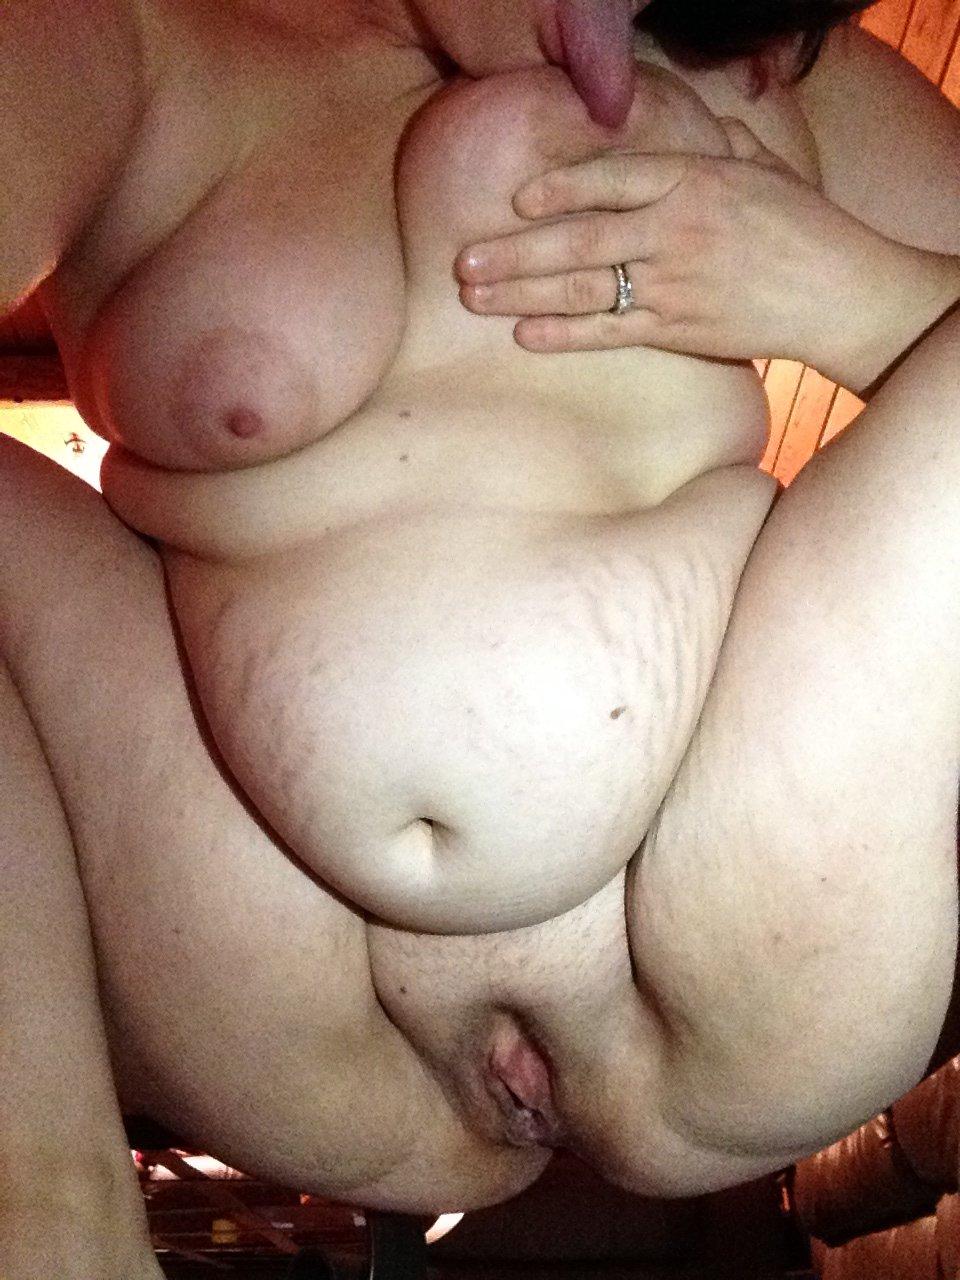 Порно толстушки дрочат сами себе — 2